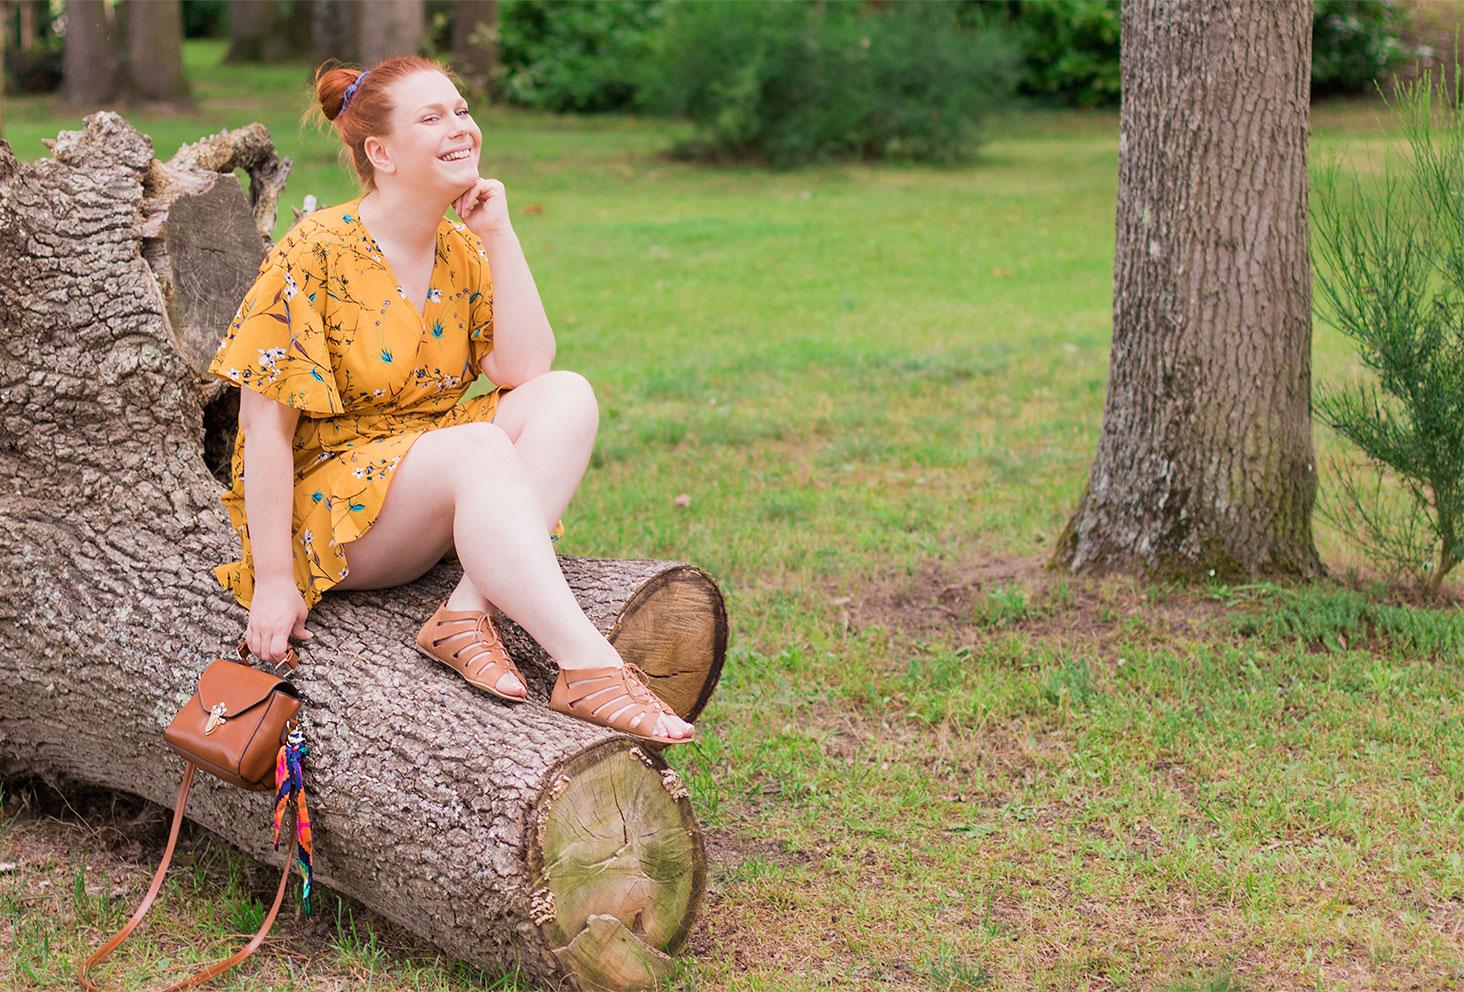 En robe portefeuille sur une cime d'arbre au milieu de la forêt, un petit sac marron SheIn dans la main, avec le sourire